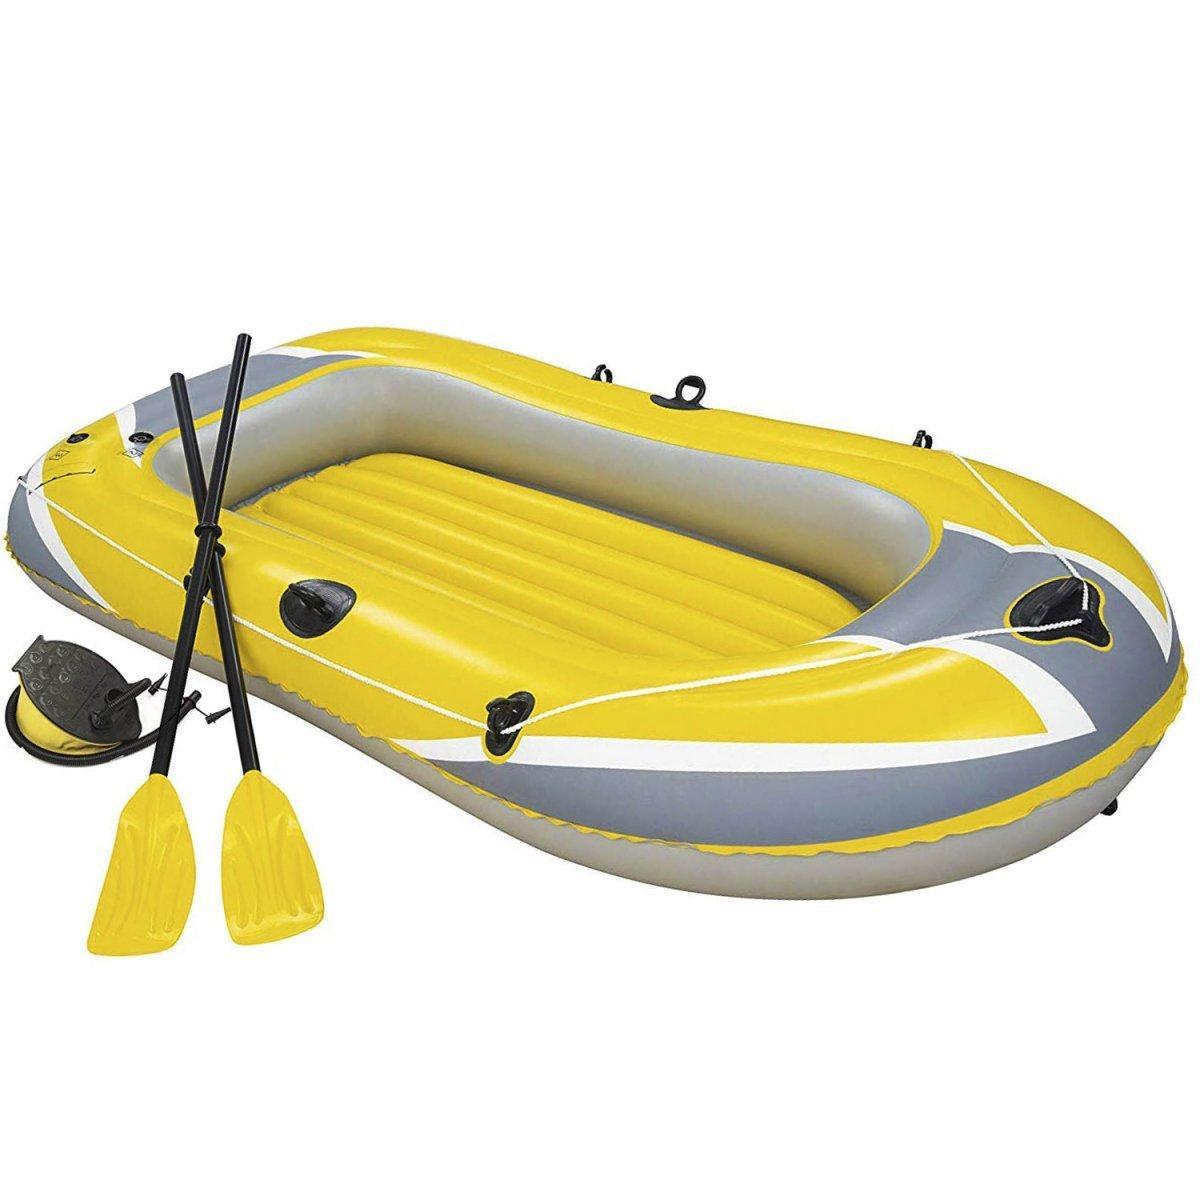 Полутораместная надувная лодка Bestway 61083 Hydro - Force Raft, желтая, 228 х 121 см, с веслами и насосом